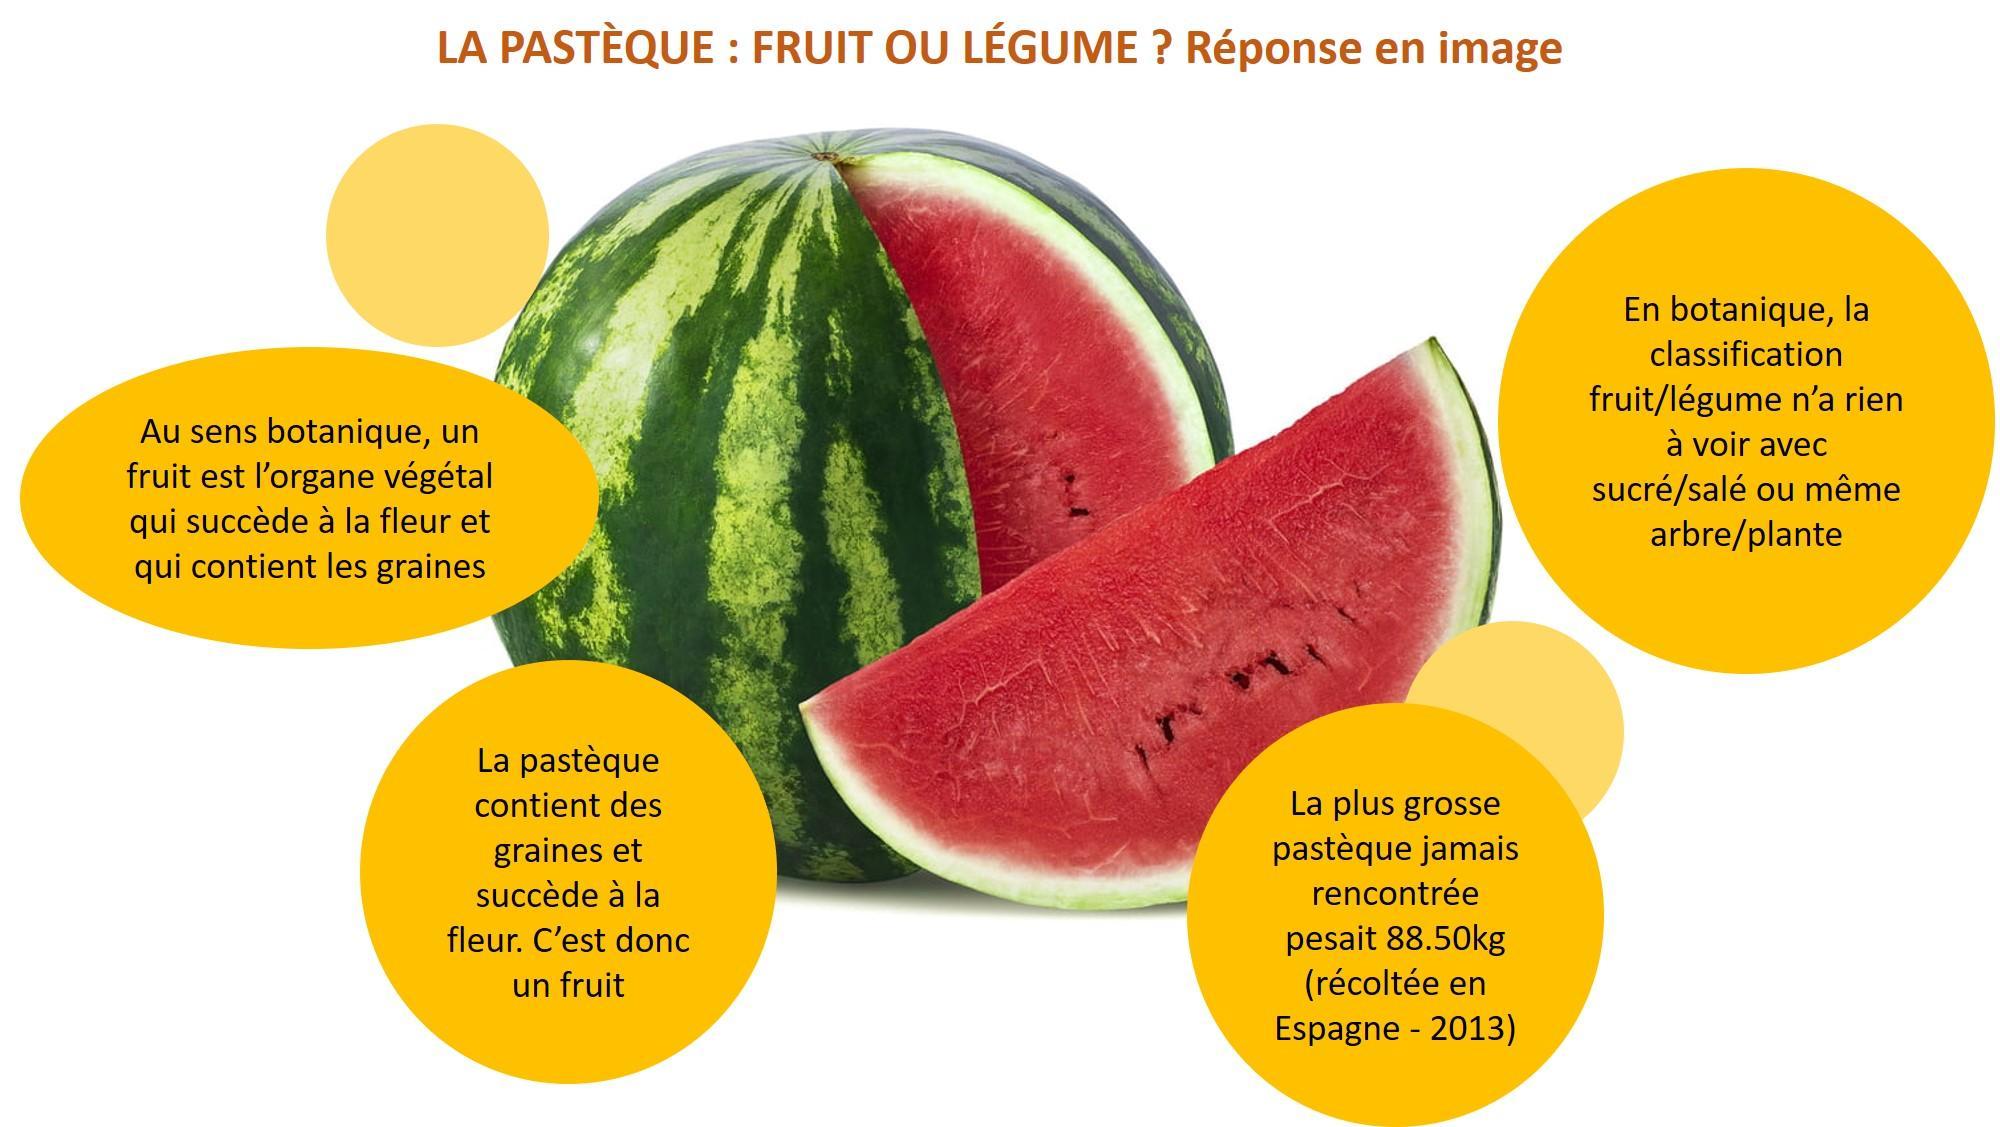 Pastèque fruit ou légume